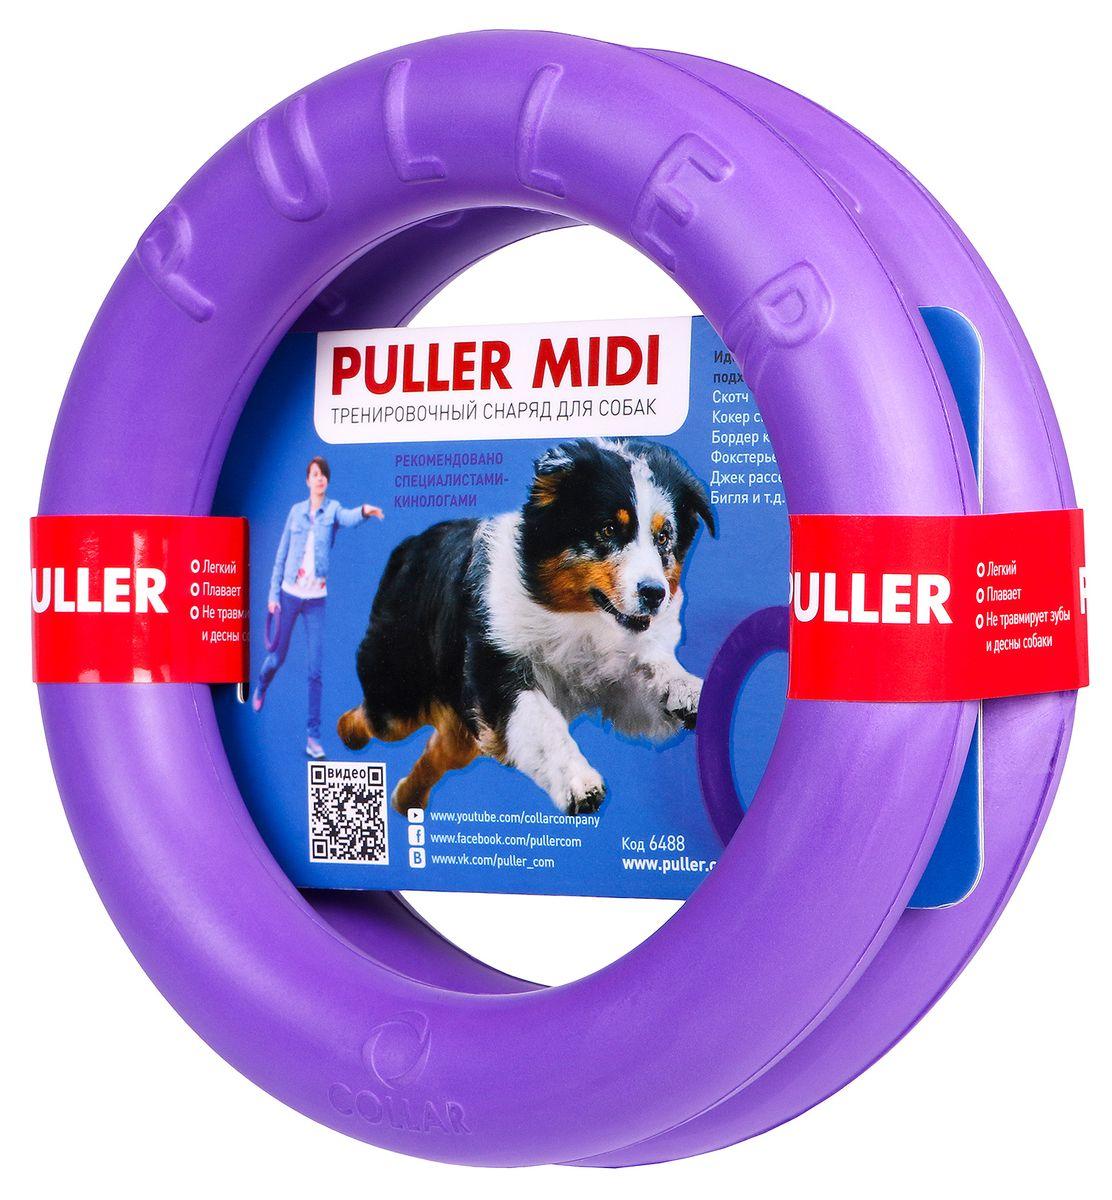 Тренировочный снаряд Puller Midi, цвет: фиолетовый, диаметр: 20 см, 2 штDM-160132-4Снаряд Puller Midi предназначен для средних и крупных пород собак. Это уникальный помощник в решении проблем с собакой. Он способен дать собаке необходимую нагрузку за короткое время. При этом владельцу собаки не нужно будет тратить много времени на выгул и тренировку собаки. Всего 3 простых упражнения в течении 20 минут дадут собаке нагрузку равную 5 км бега в интенсивном режиме или 2-х часовому занятию с инструктором на площадке. Комплект состоит из двух колец.